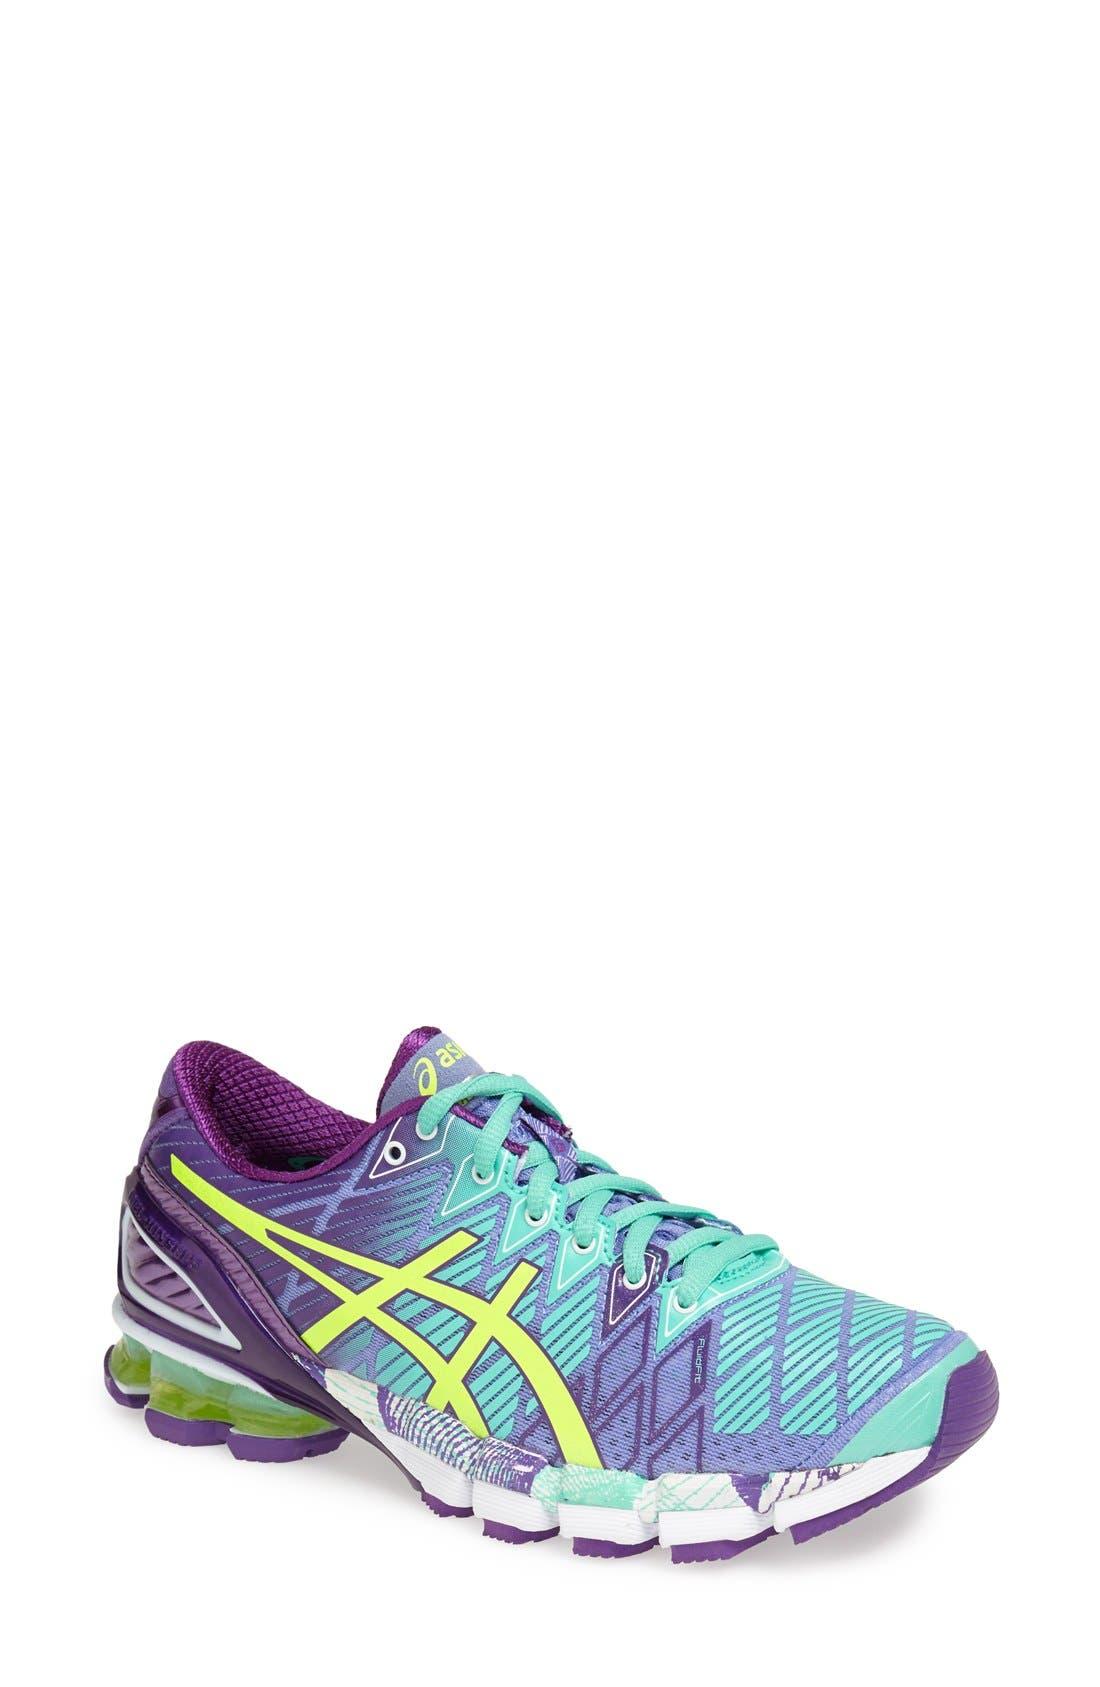 Alternate Image 1 Selected - ASICS® 'GEL-Kinsei 5' Running Shoe (Women) (Regular Retail Price: $199.95)